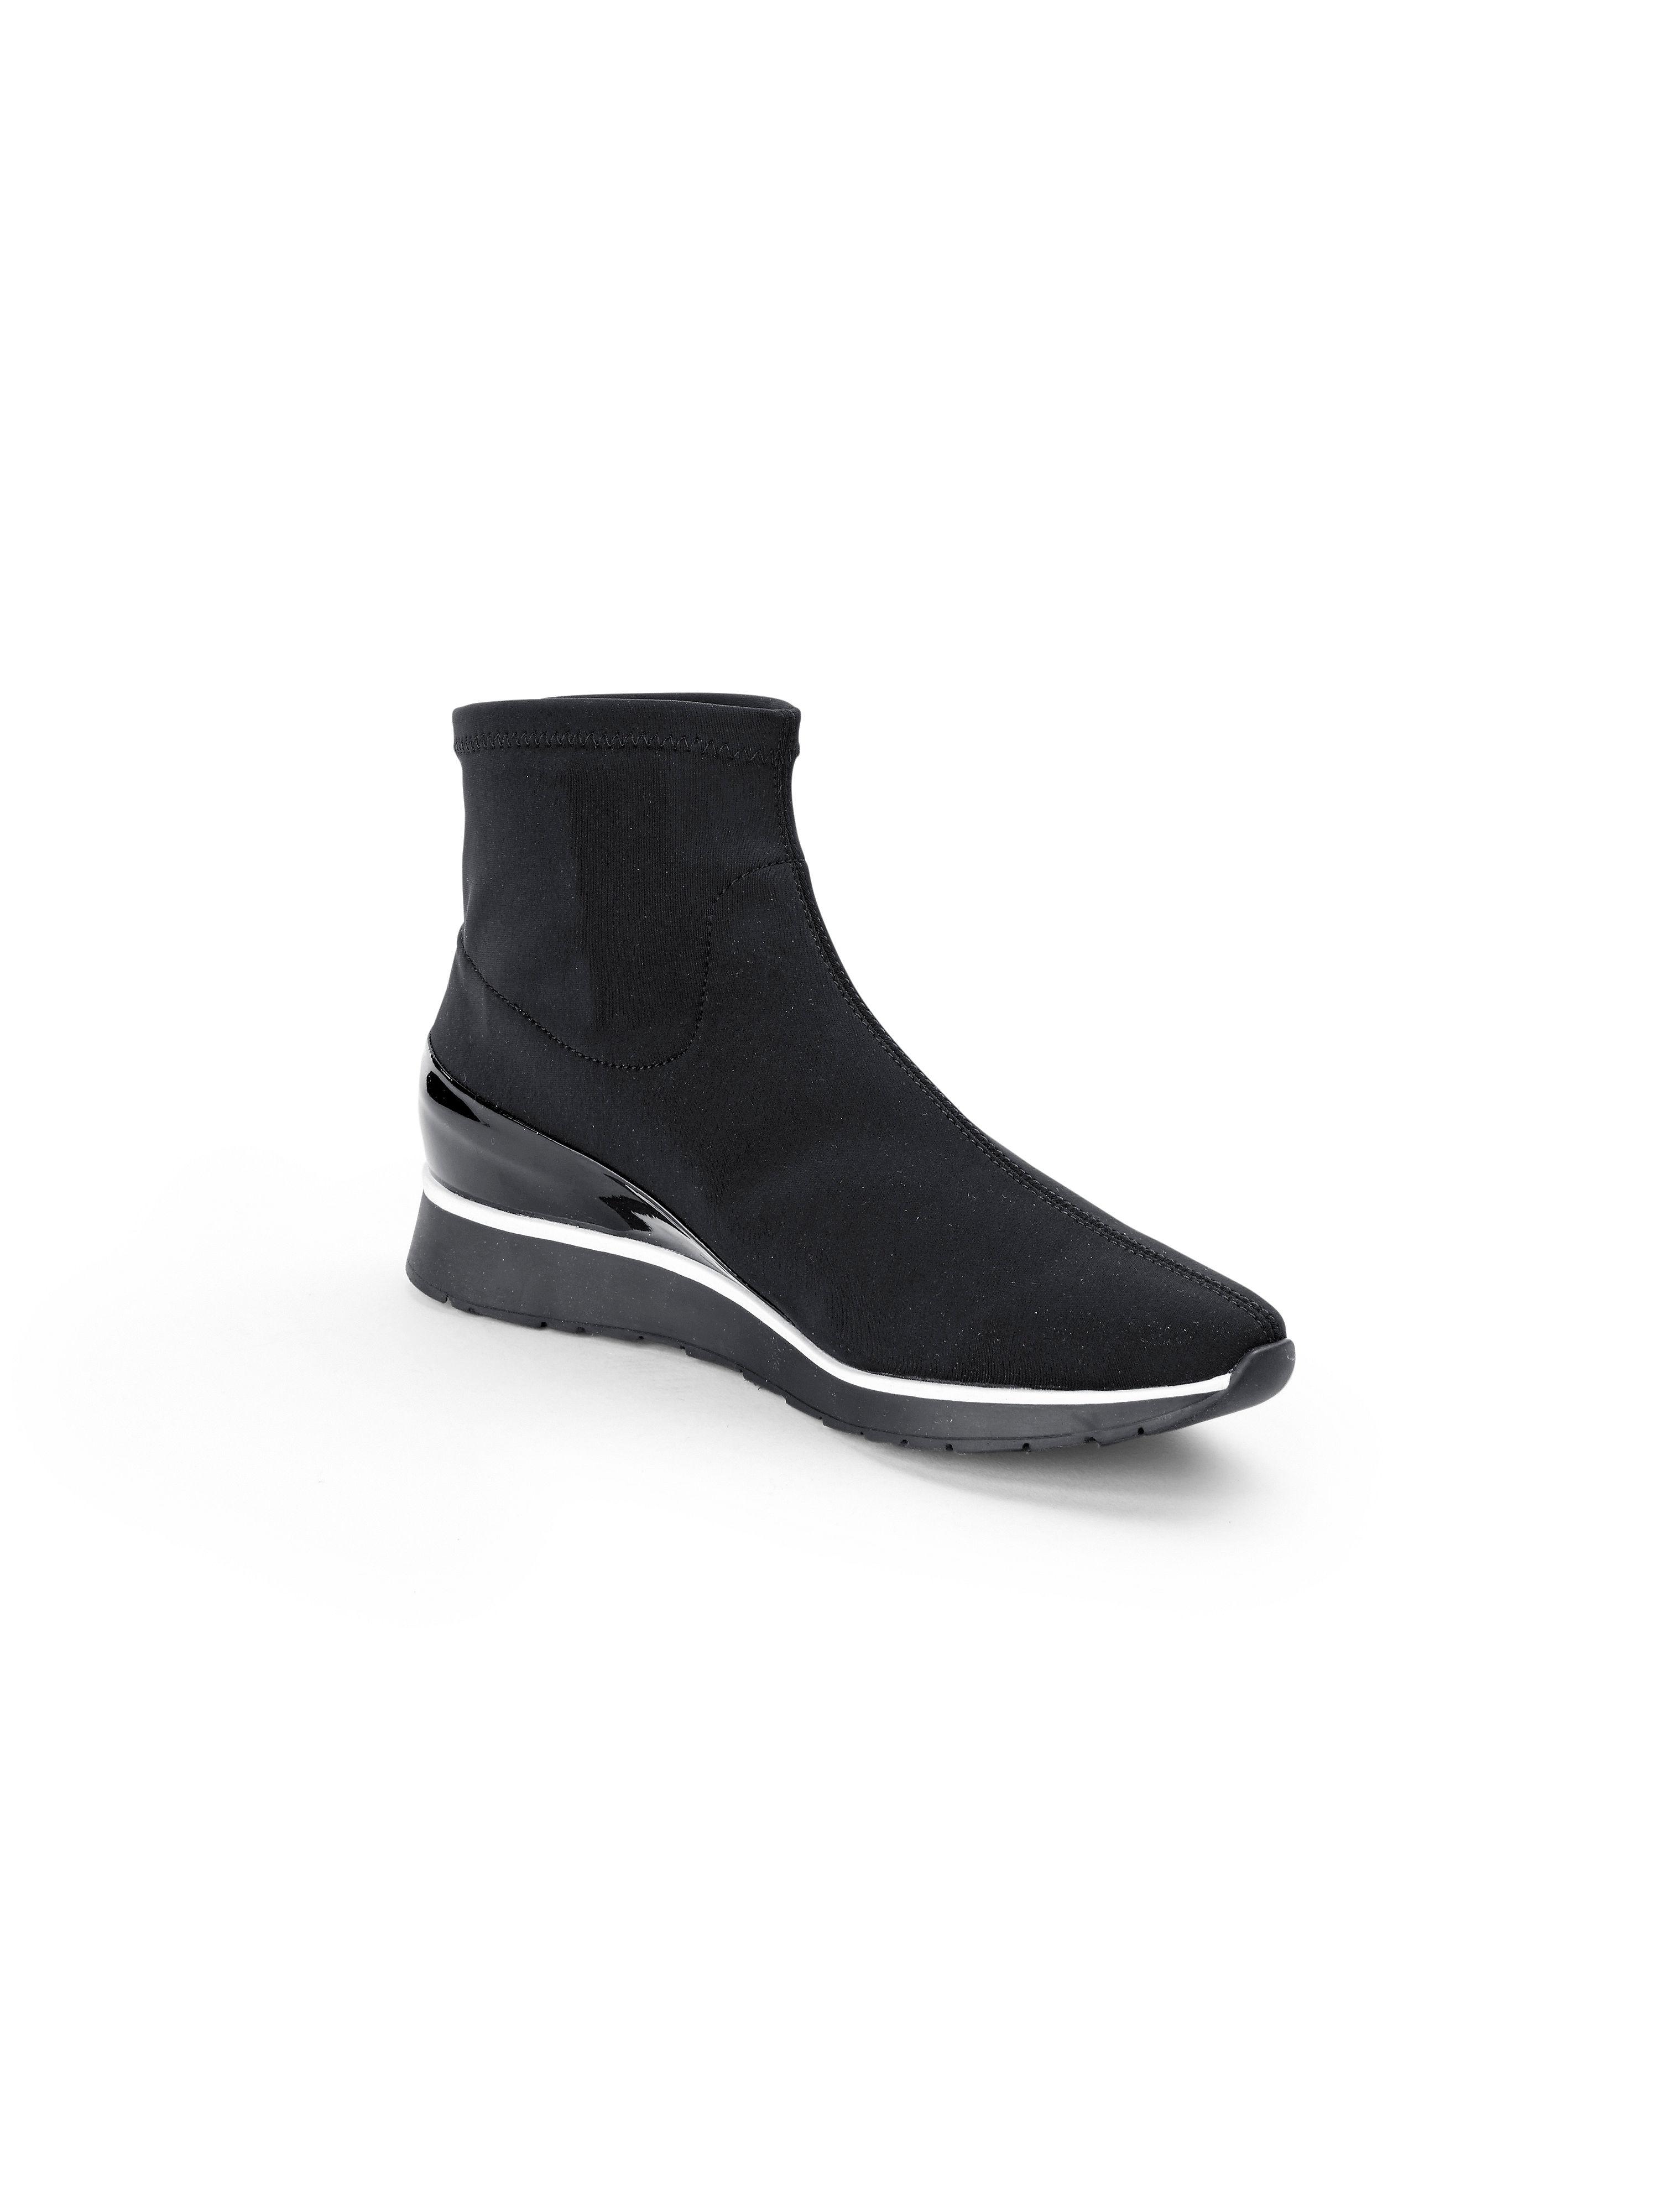 Högl - Stiefelette mit GORE-TEX®-Membran - Schwarz Gute Qualität beliebte Schuhe